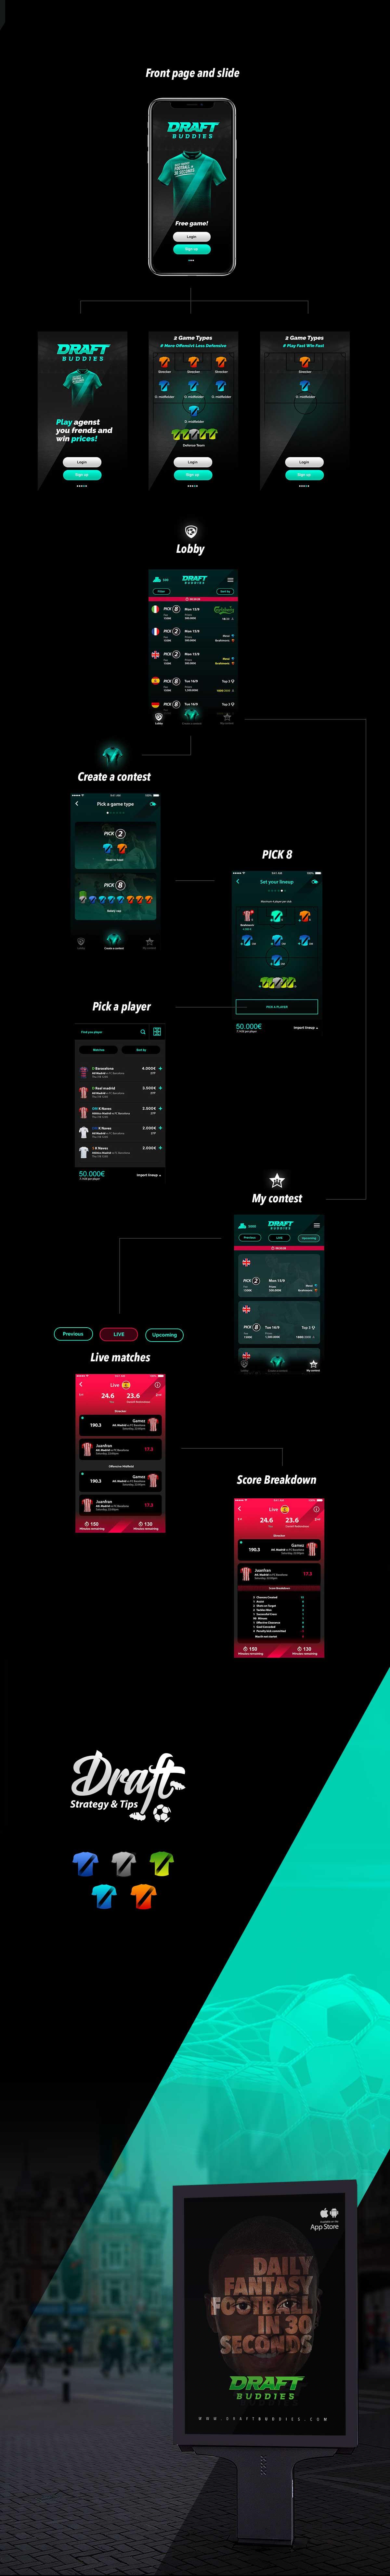 draftbuddies_app